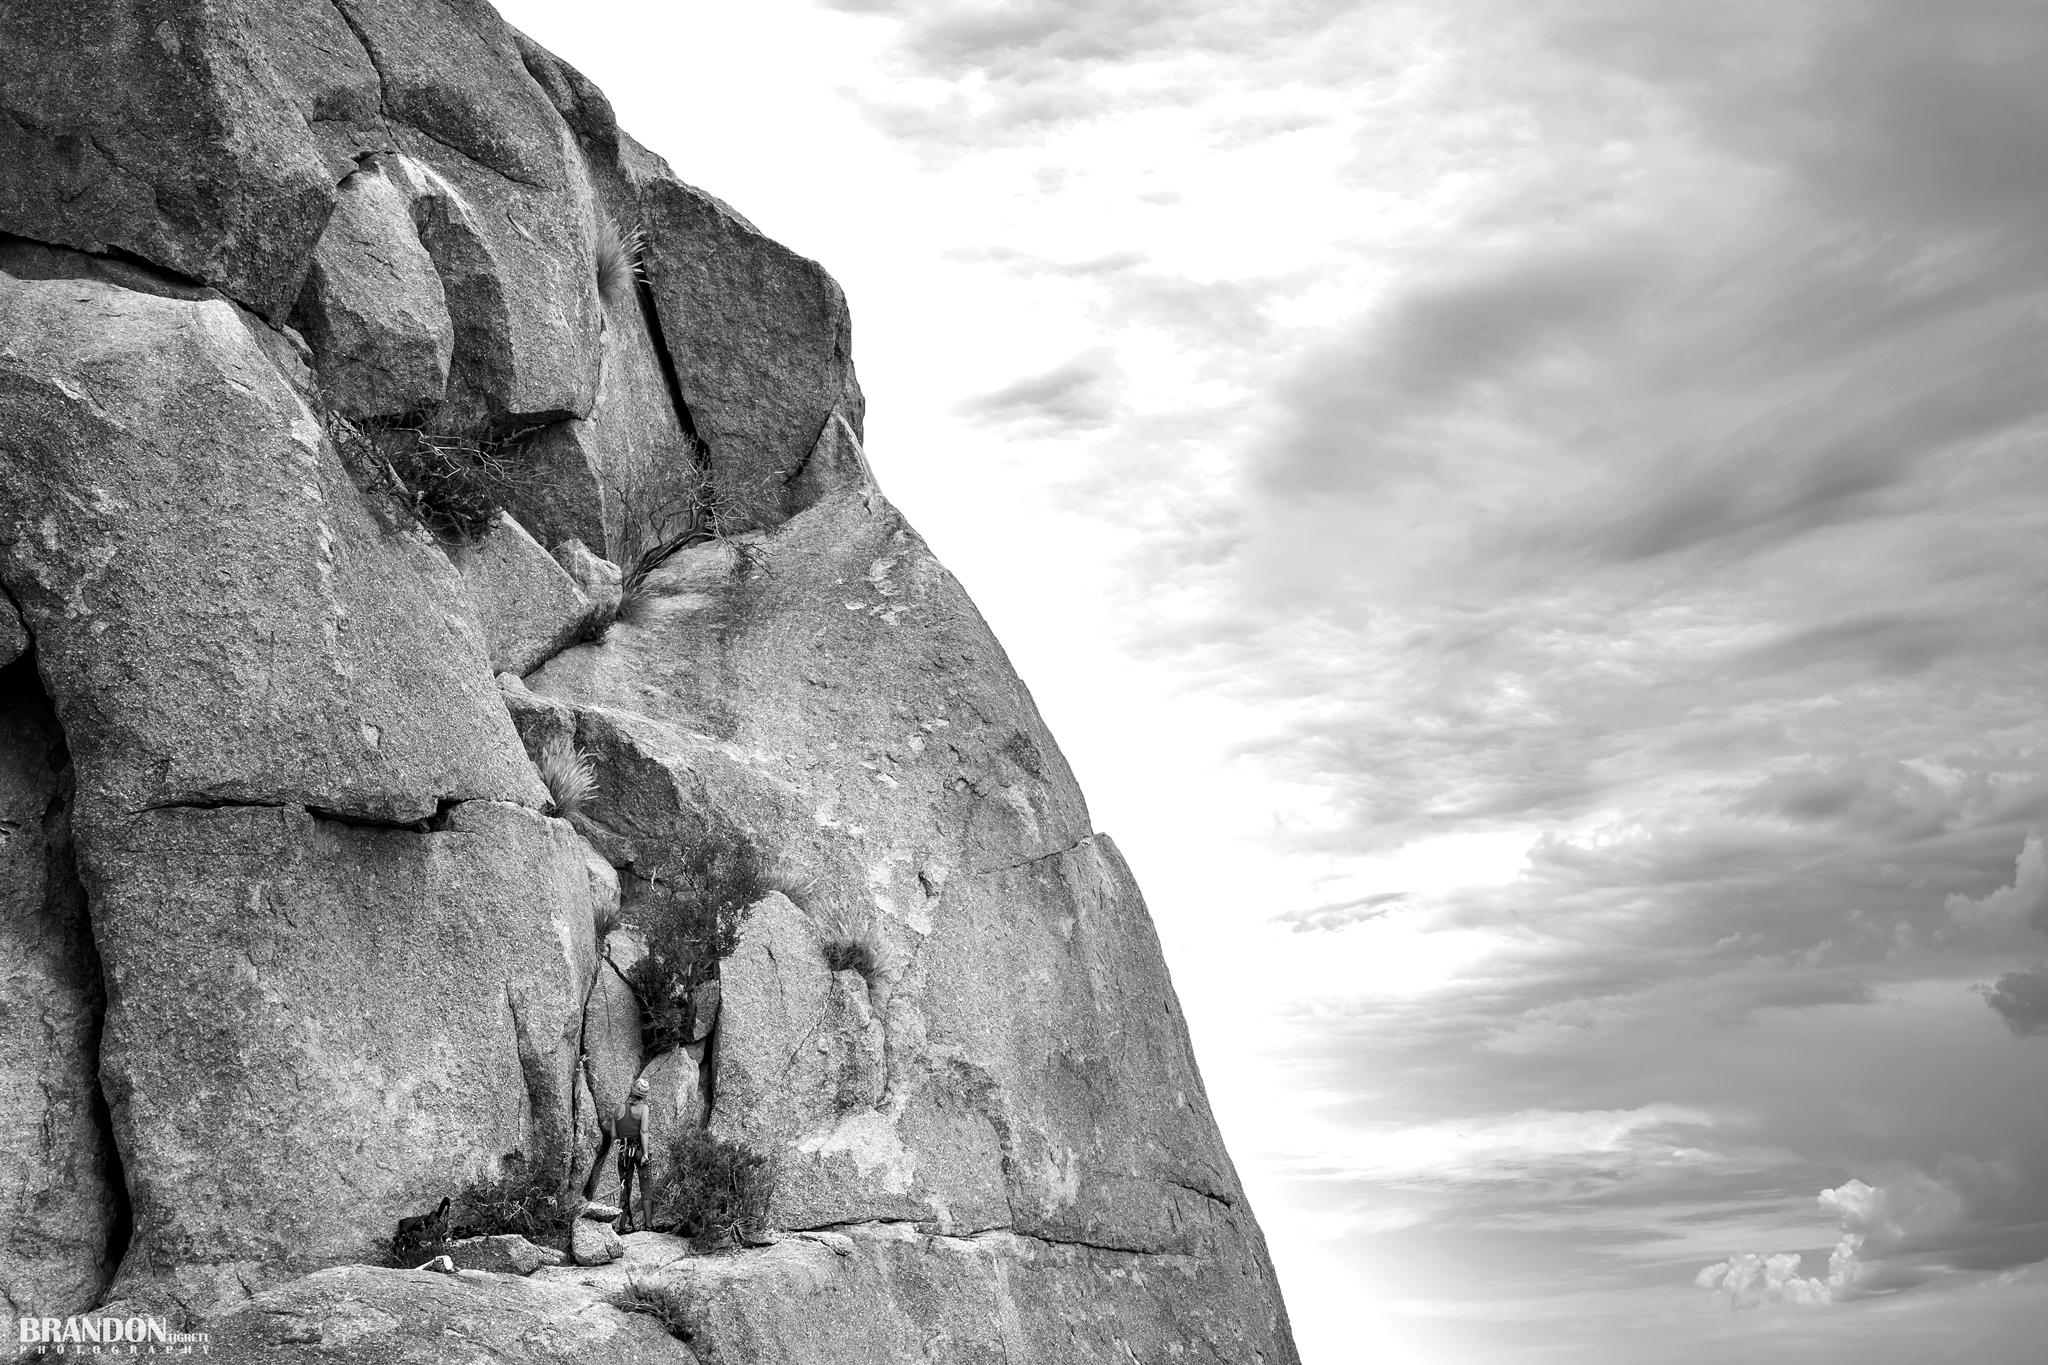 Arizona Rock Climber - Belay - Tom's Thumb